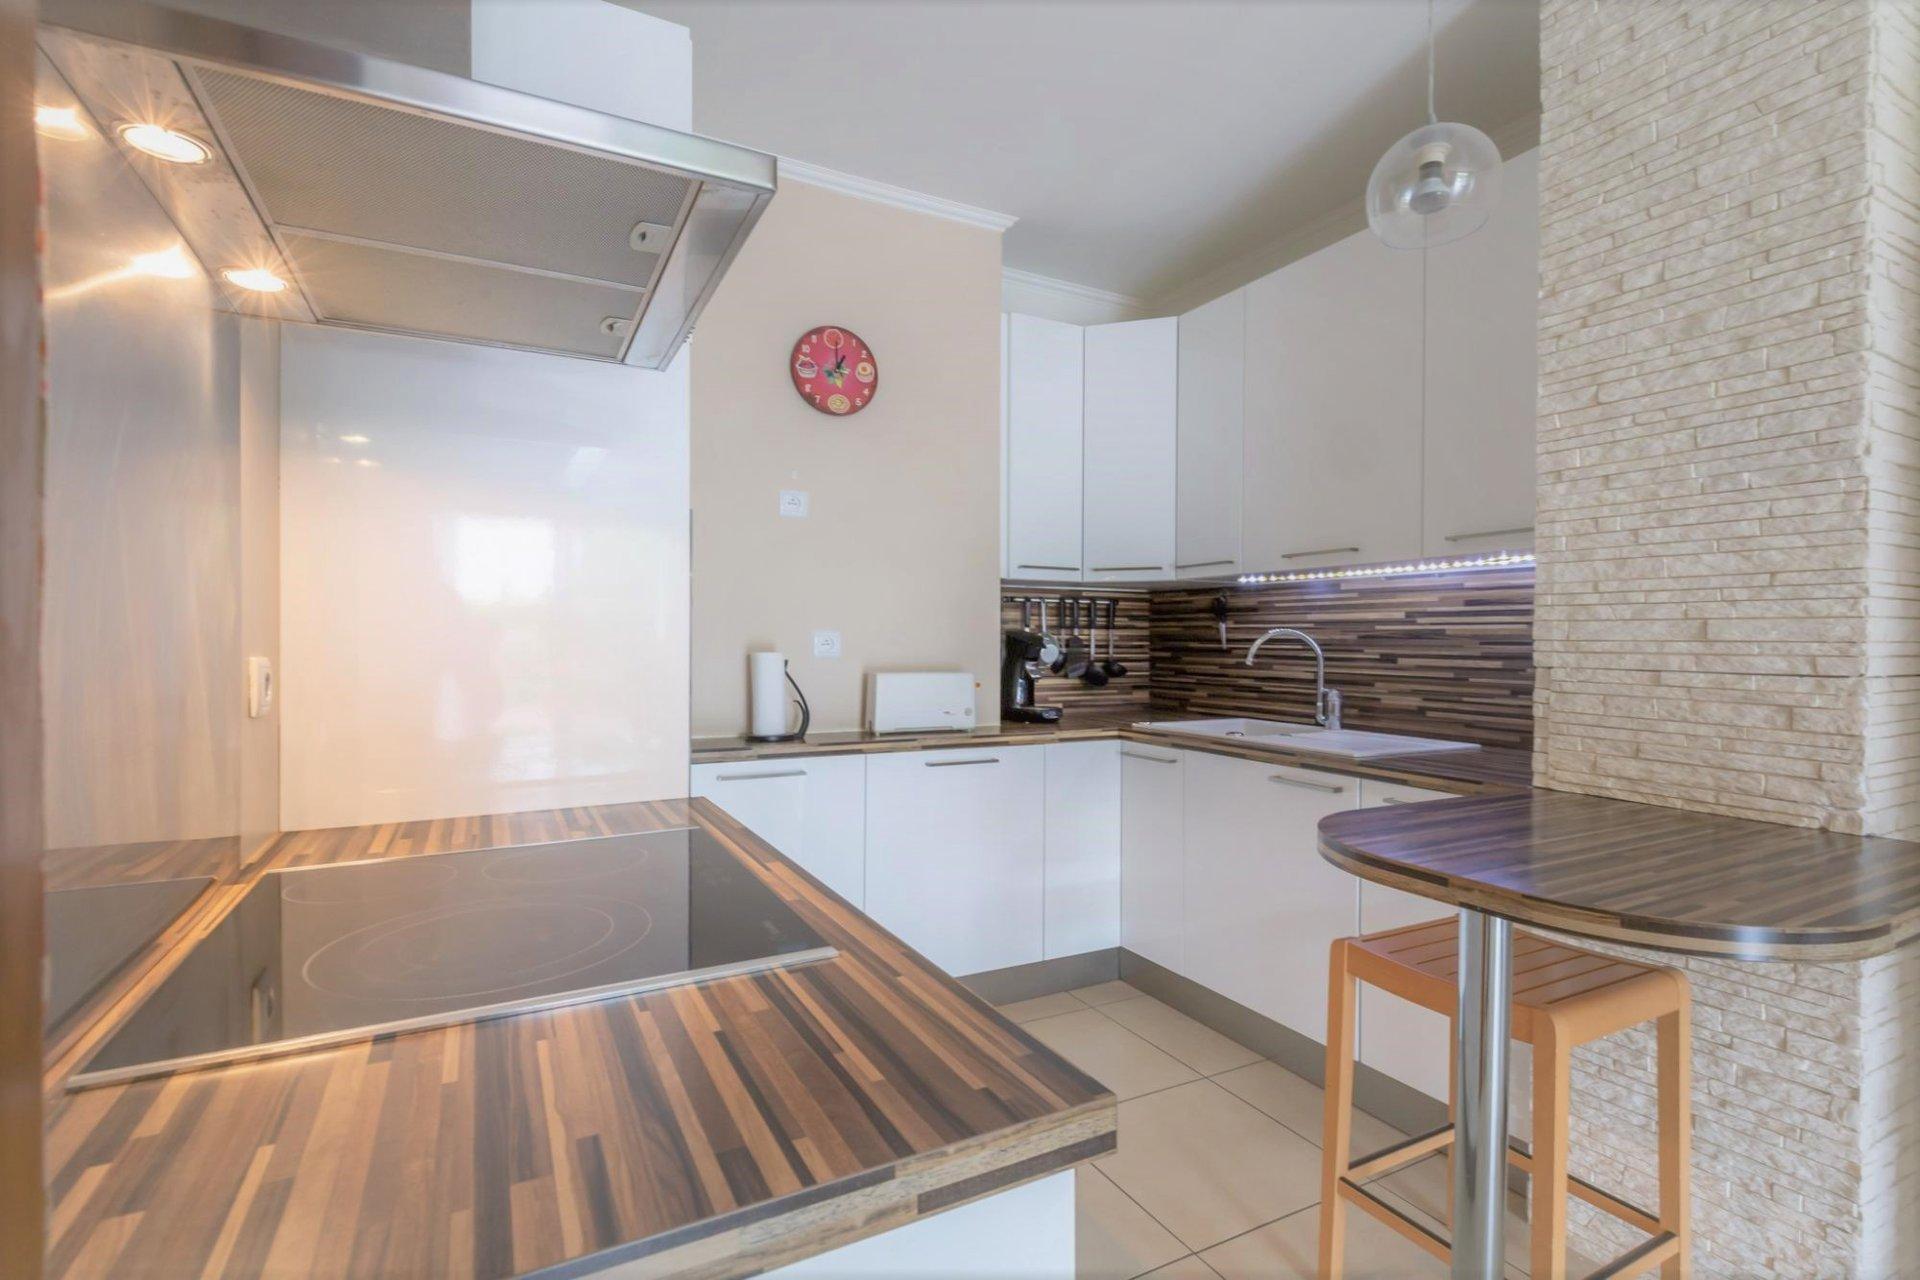 Appartement 2 pièces 52 m² avec terrasse et jardin privatif d'environ130 m²